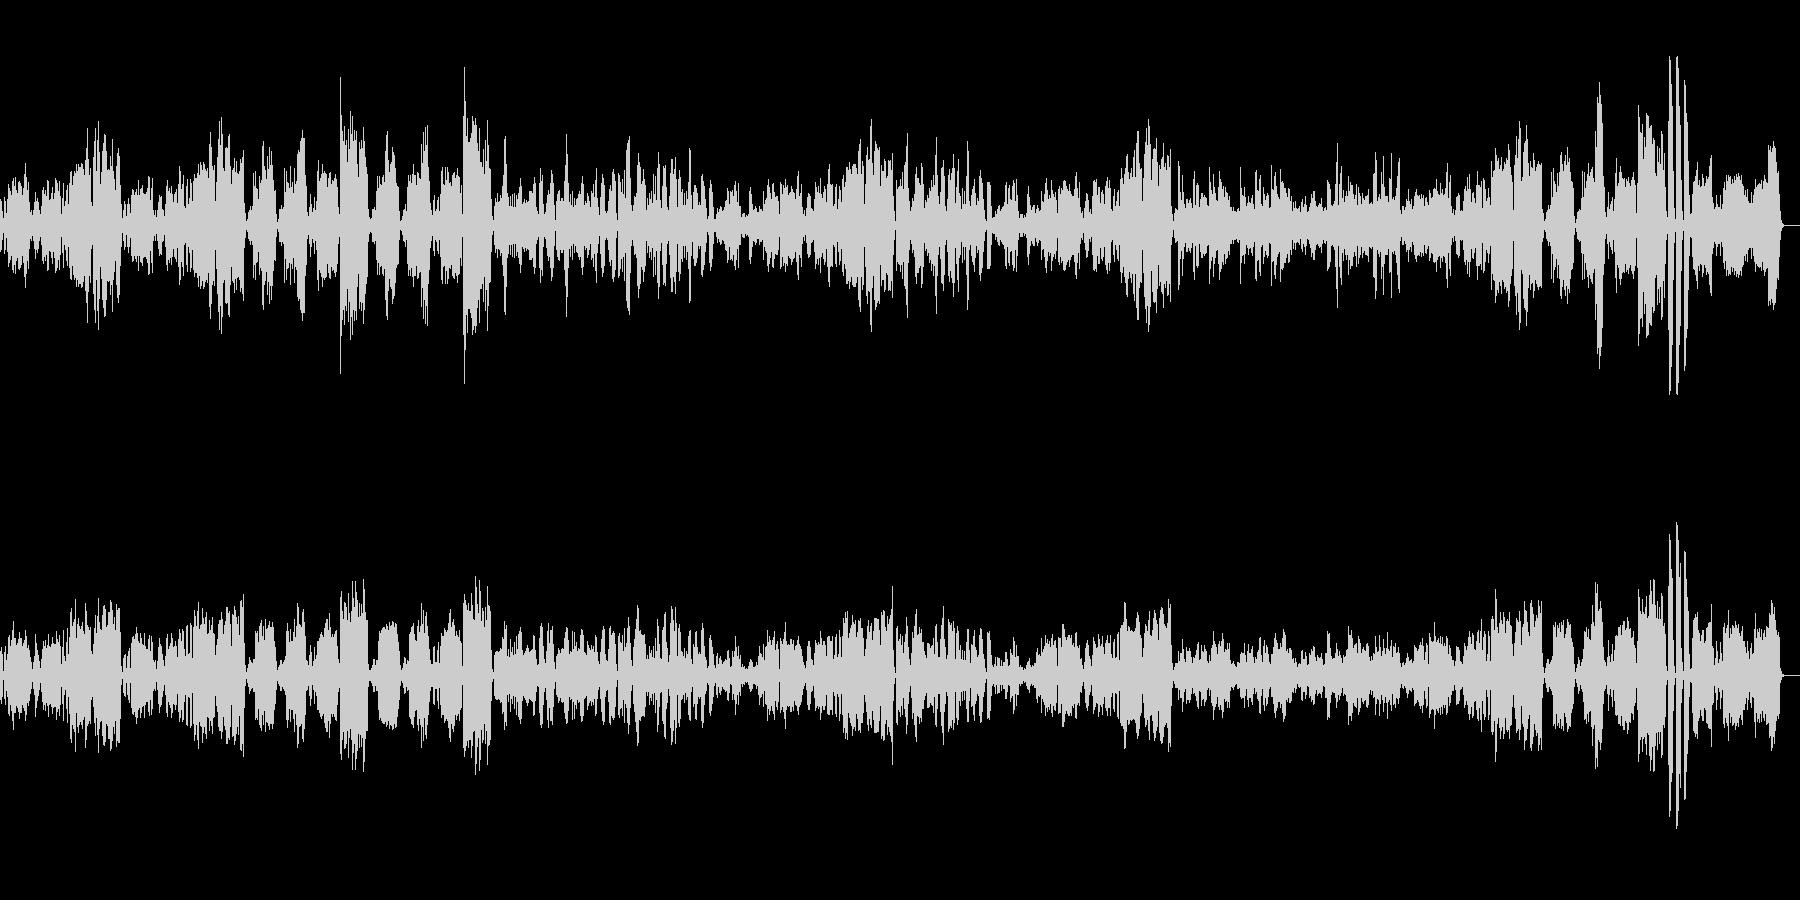 アイネクライネナハトムジーク 第2楽章の未再生の波形